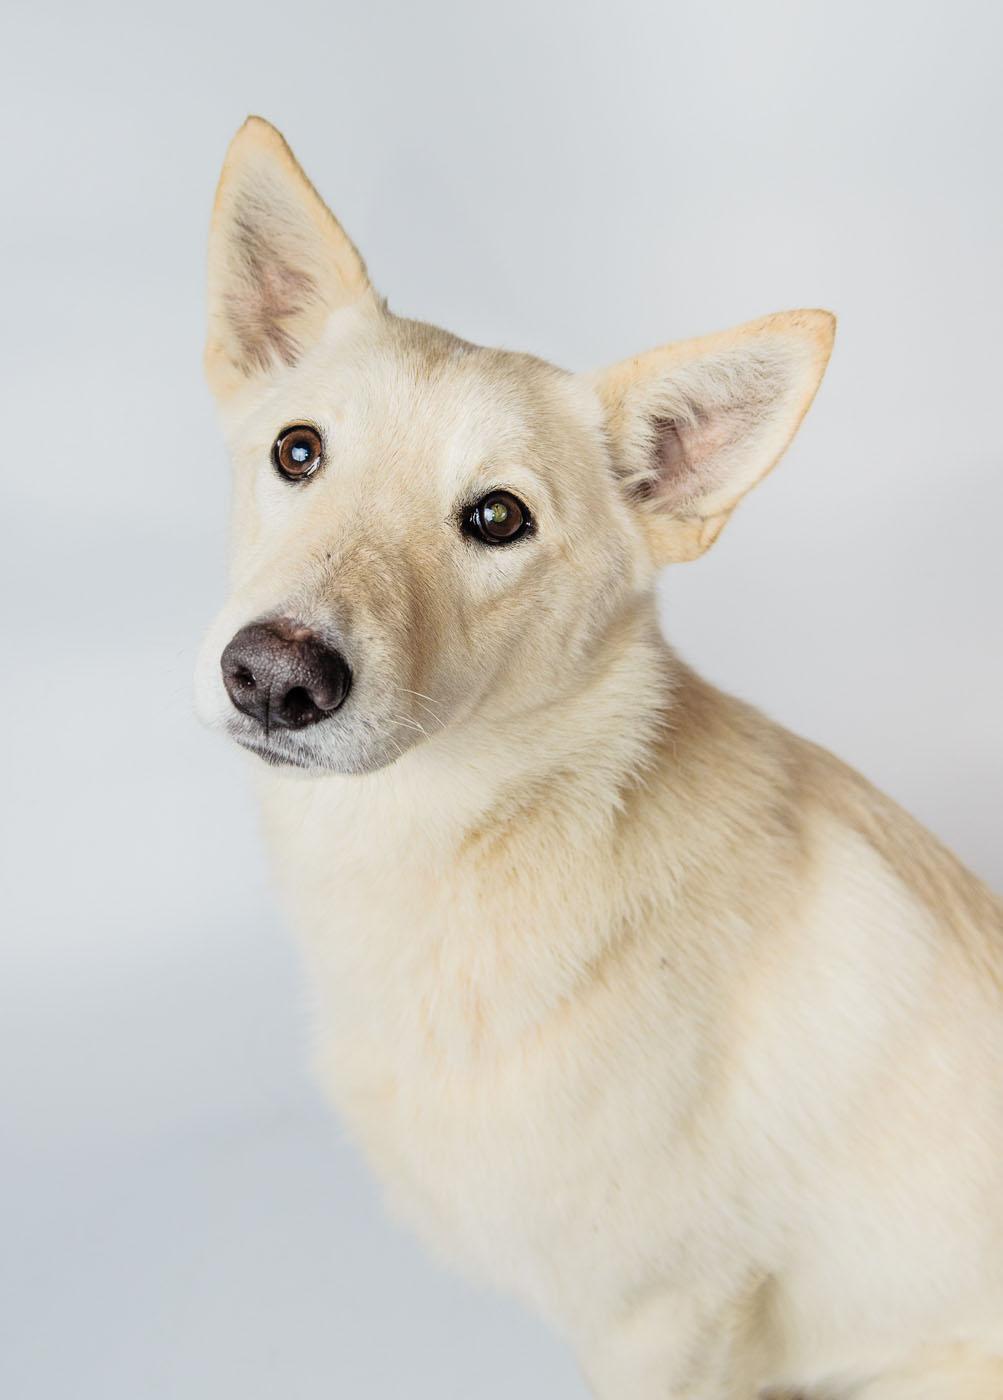 собака Эльза из приюта догпорт